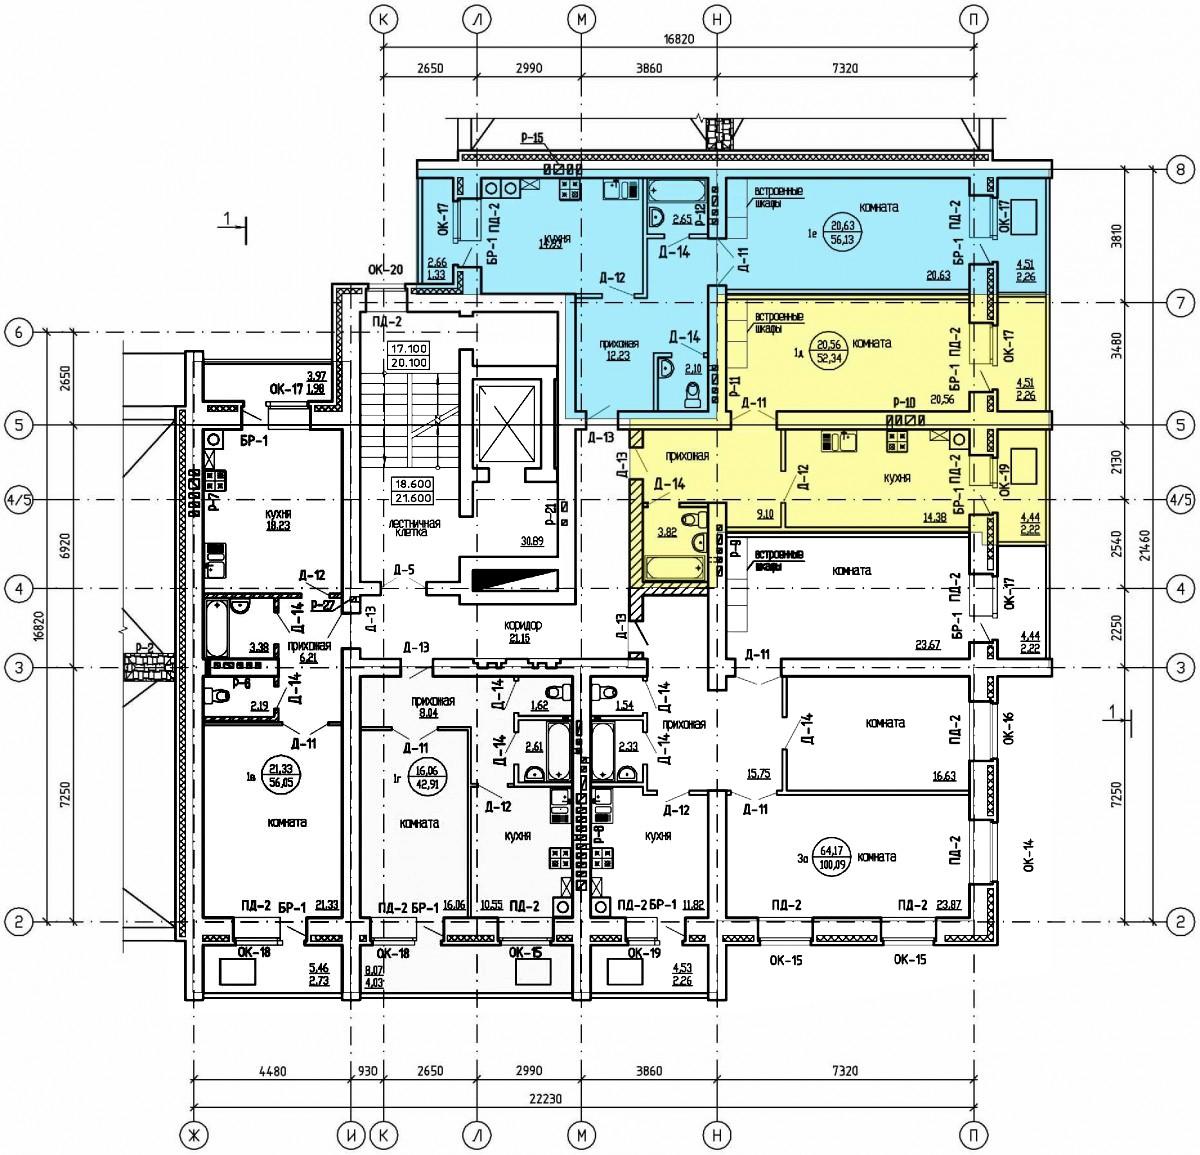 План этажа дома по адресу Йошкар Ола, ул.Вознесенская, д.30